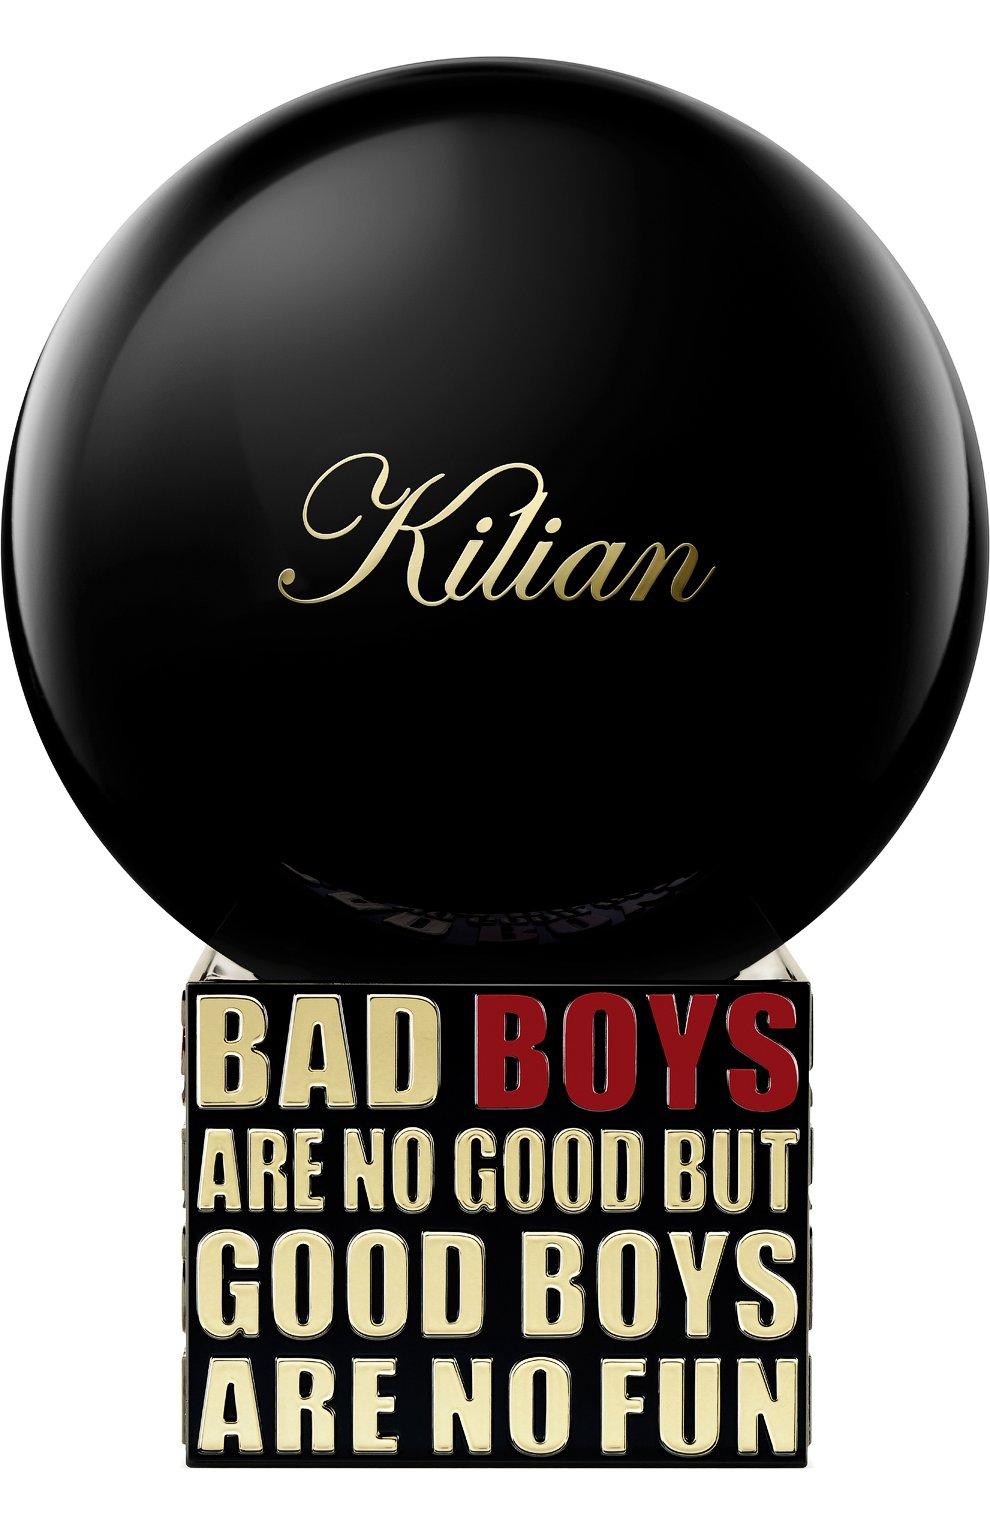 Парфюмерная вода Boys KILIAN для женщин — купить за 11230 руб. в интернет-магазине ЦУМ, арт. 3700550211464